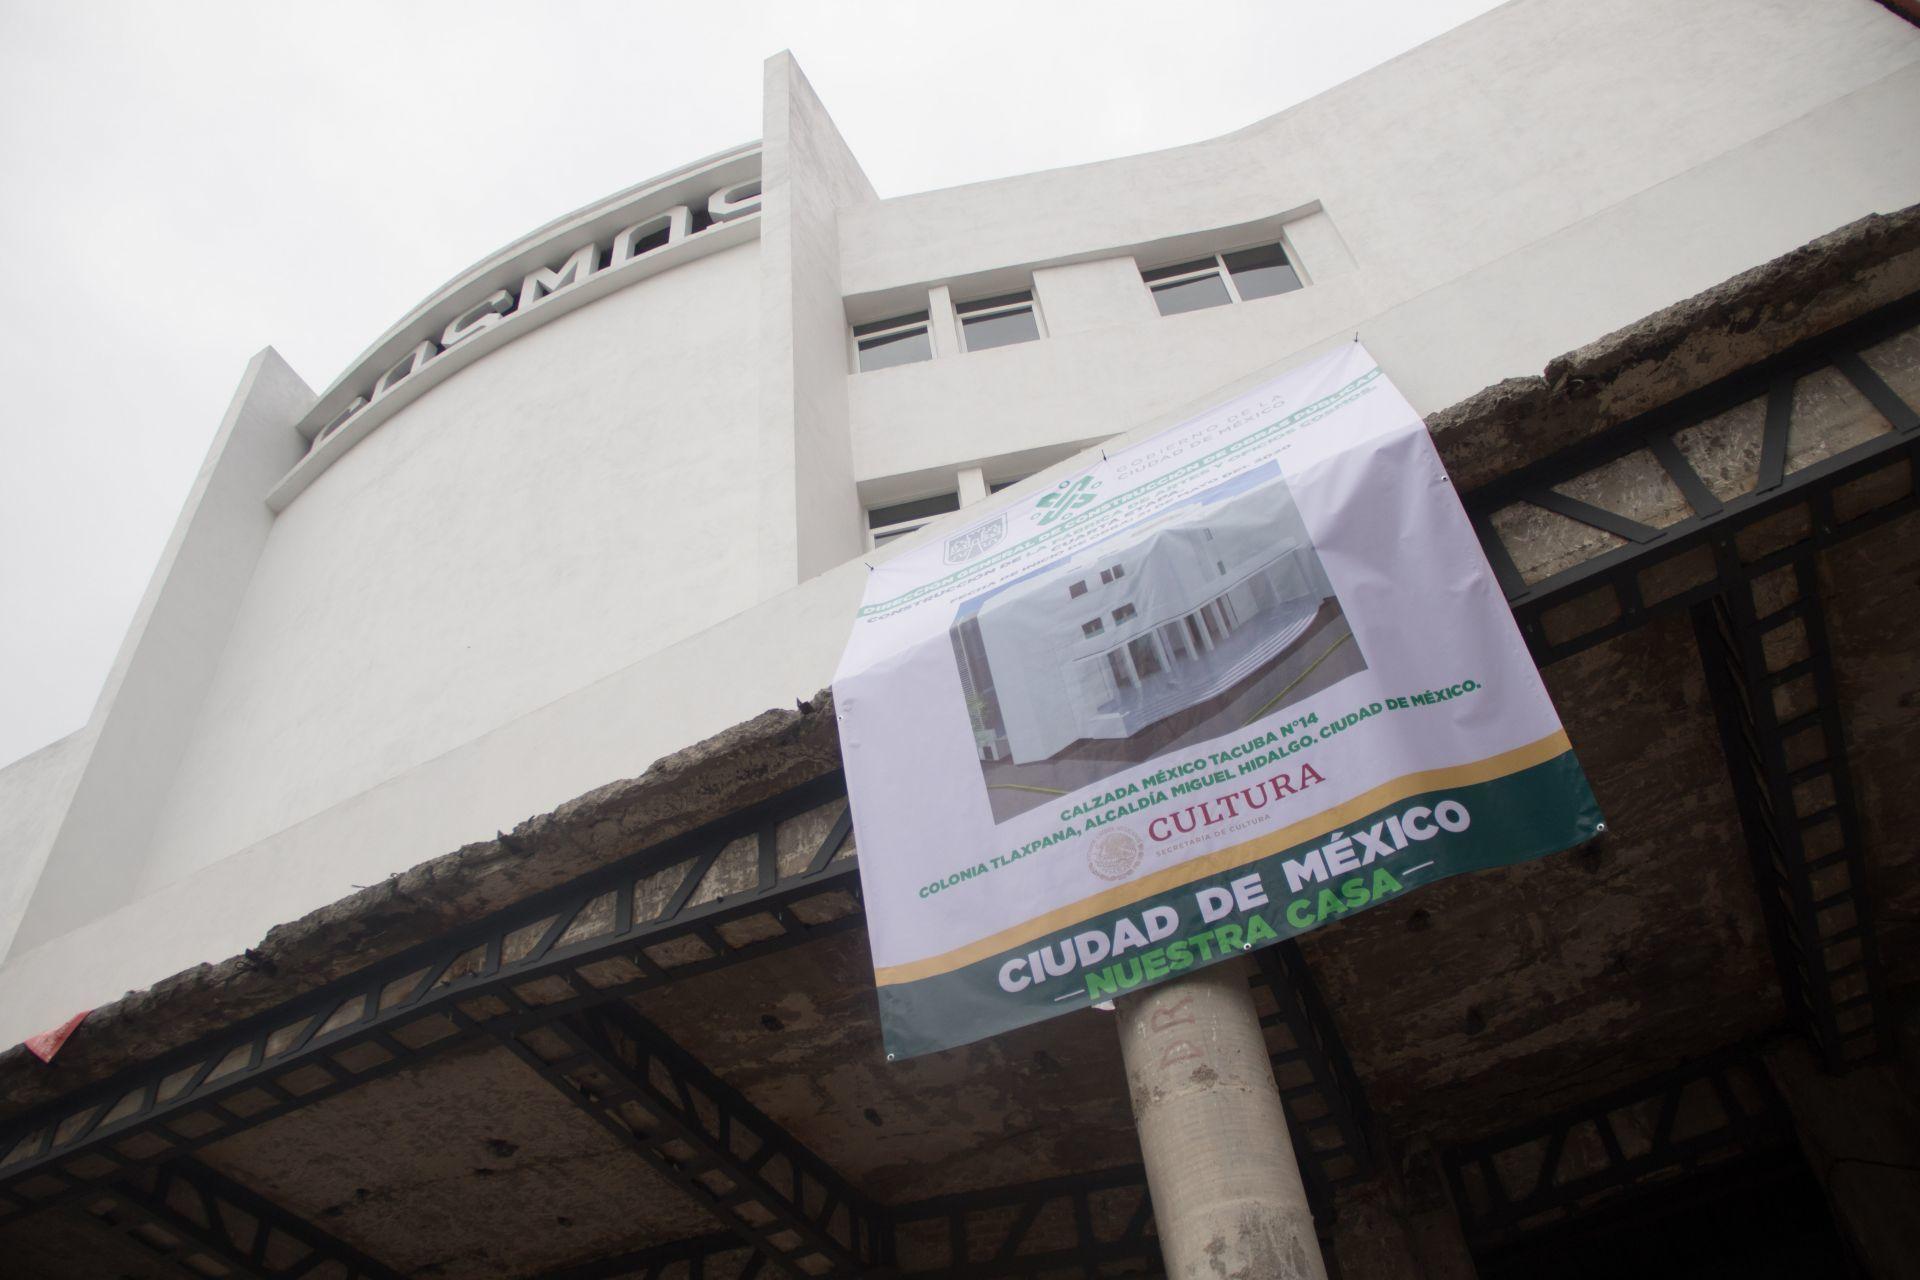 Tras 23 años permanecer cerrado, Faro Cosmos abre sus puertas con talleres presenciales